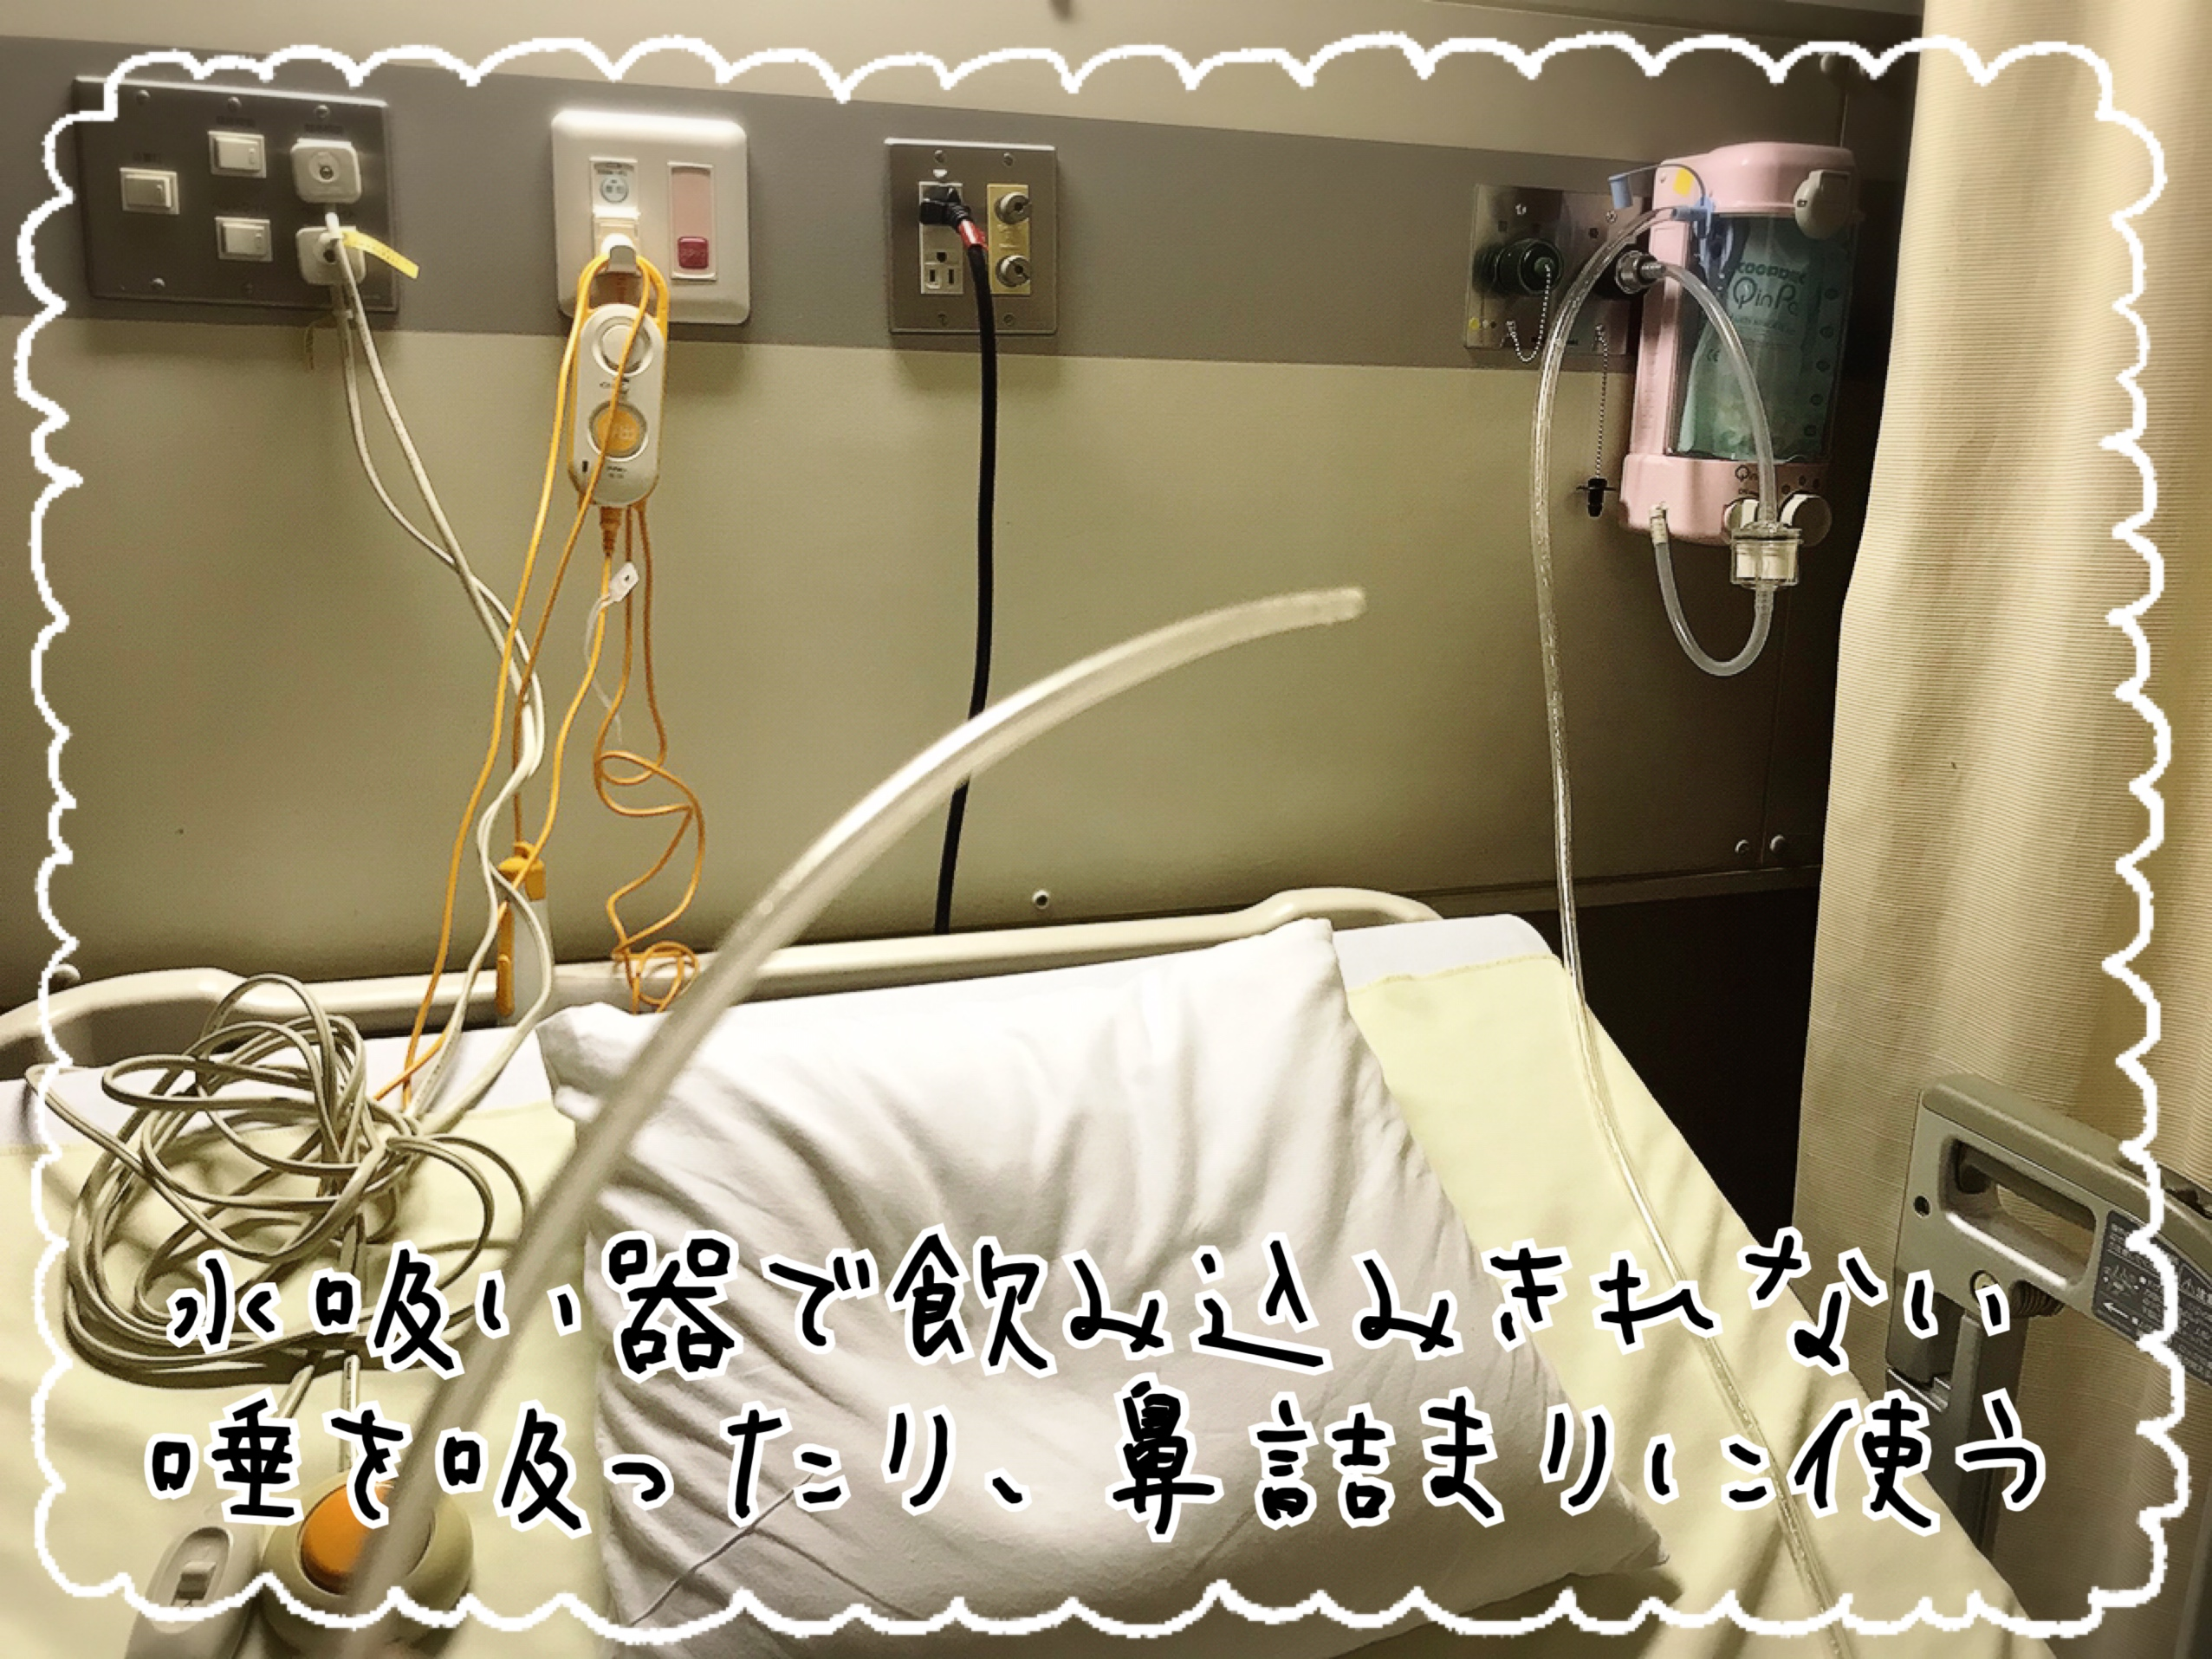 顎変形症手術 入院生活